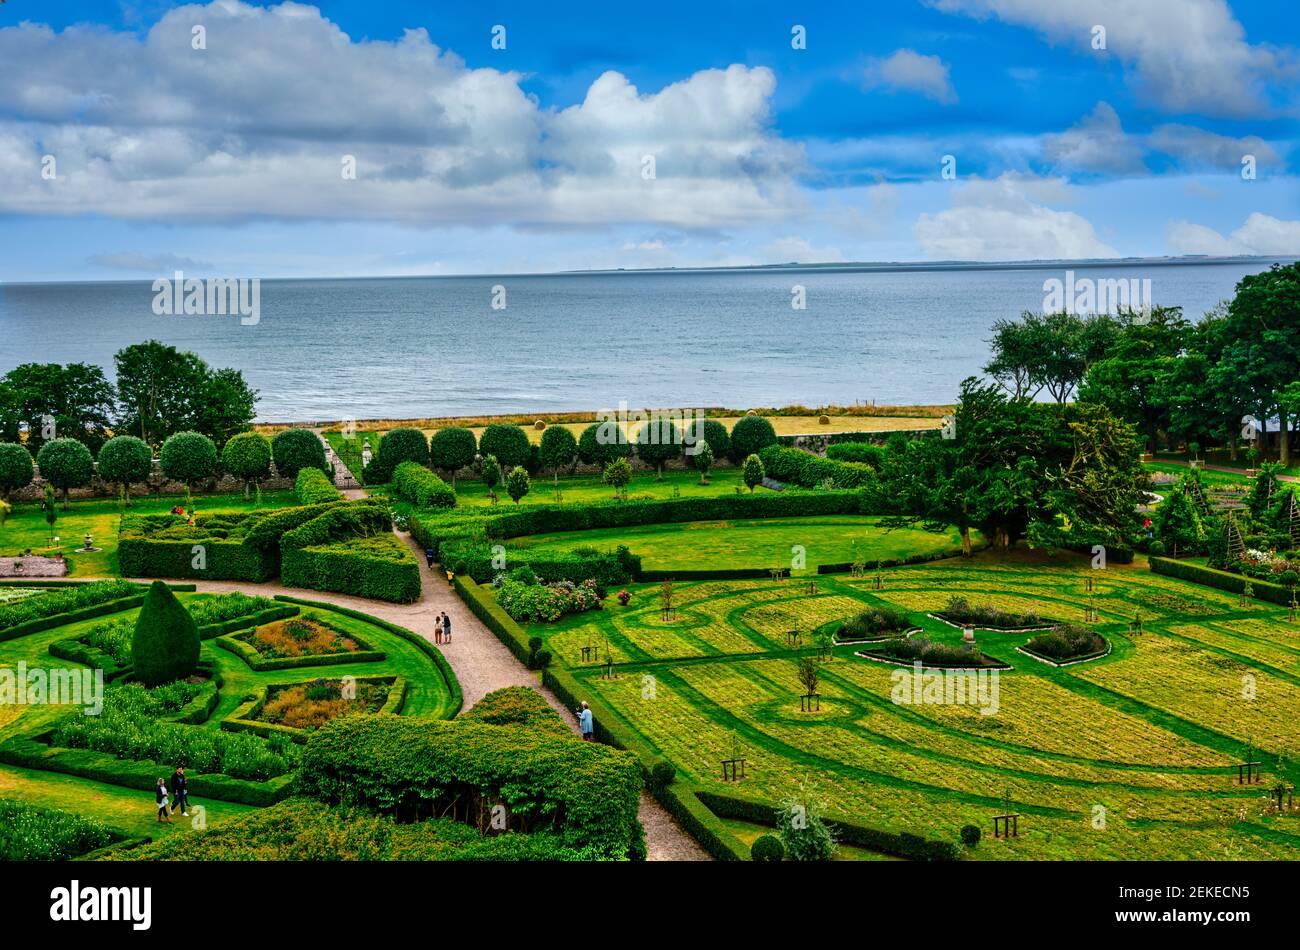 Gärten im Dunrobin Castle, Familiensitz des Grafen von Sutherland Und von dem Architekten Sir Charles Barry in angelegt 1850.Golspie Schottland Stockfoto